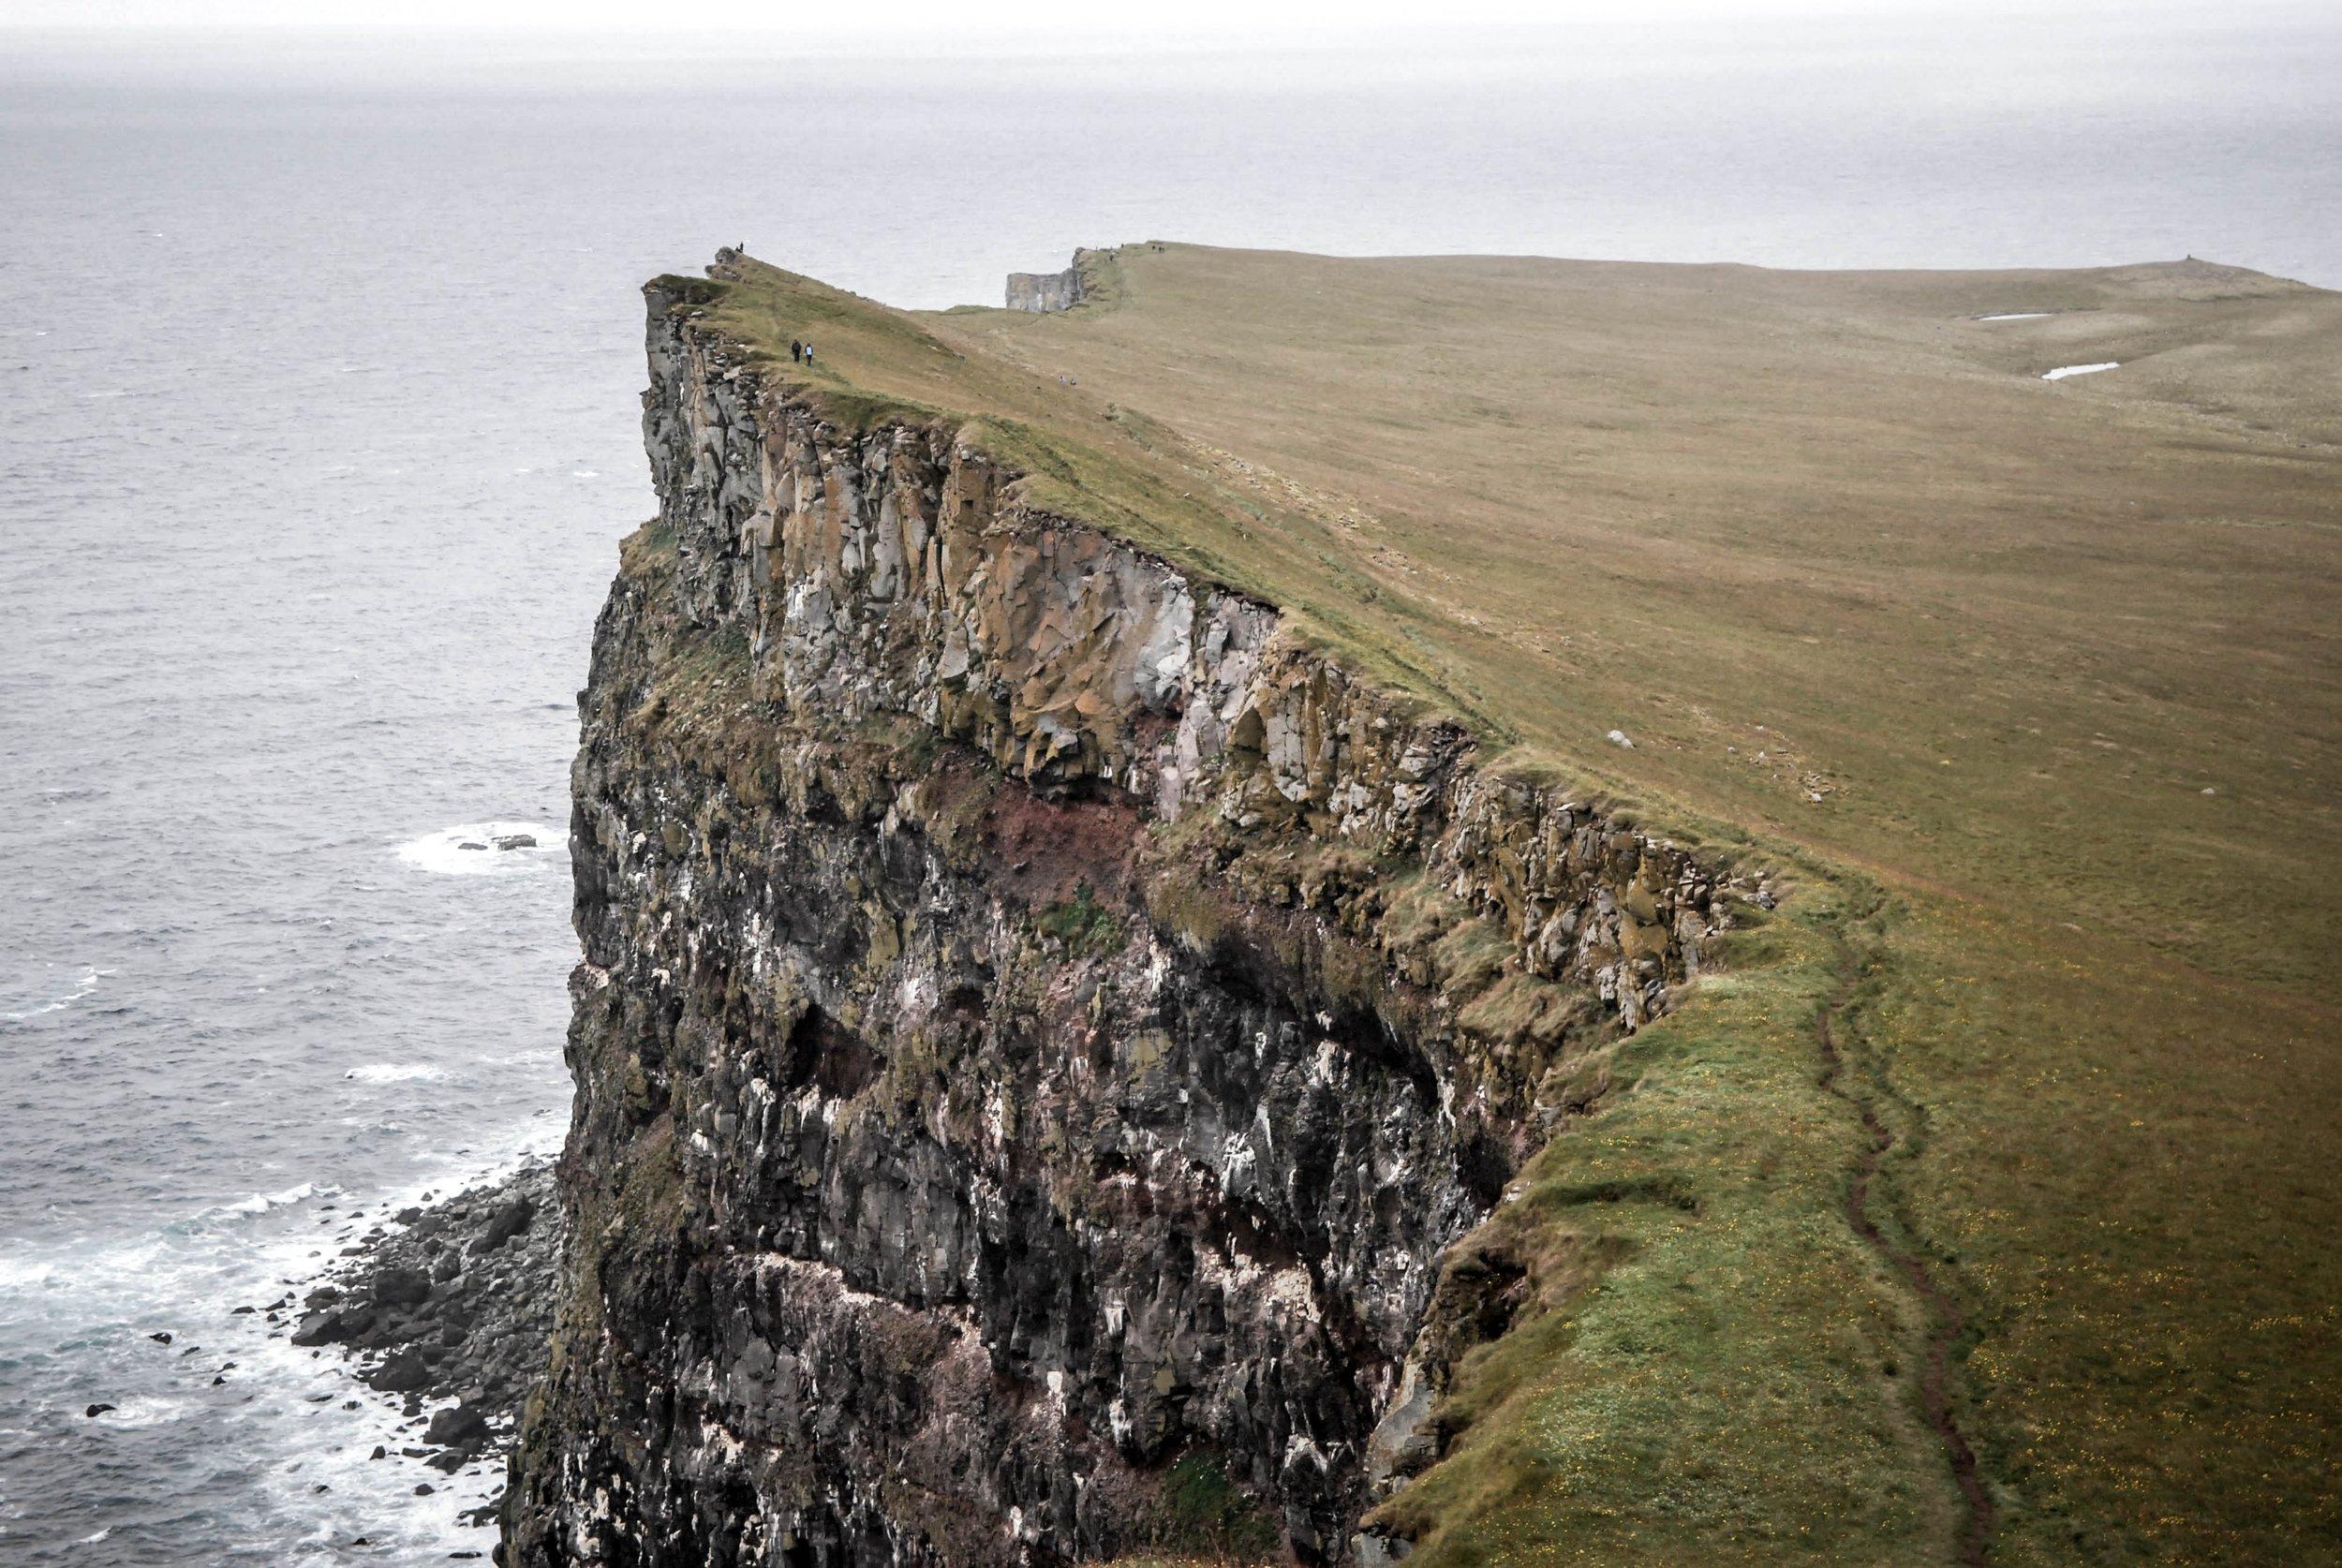 beach-cliff-coast-614495.jpg